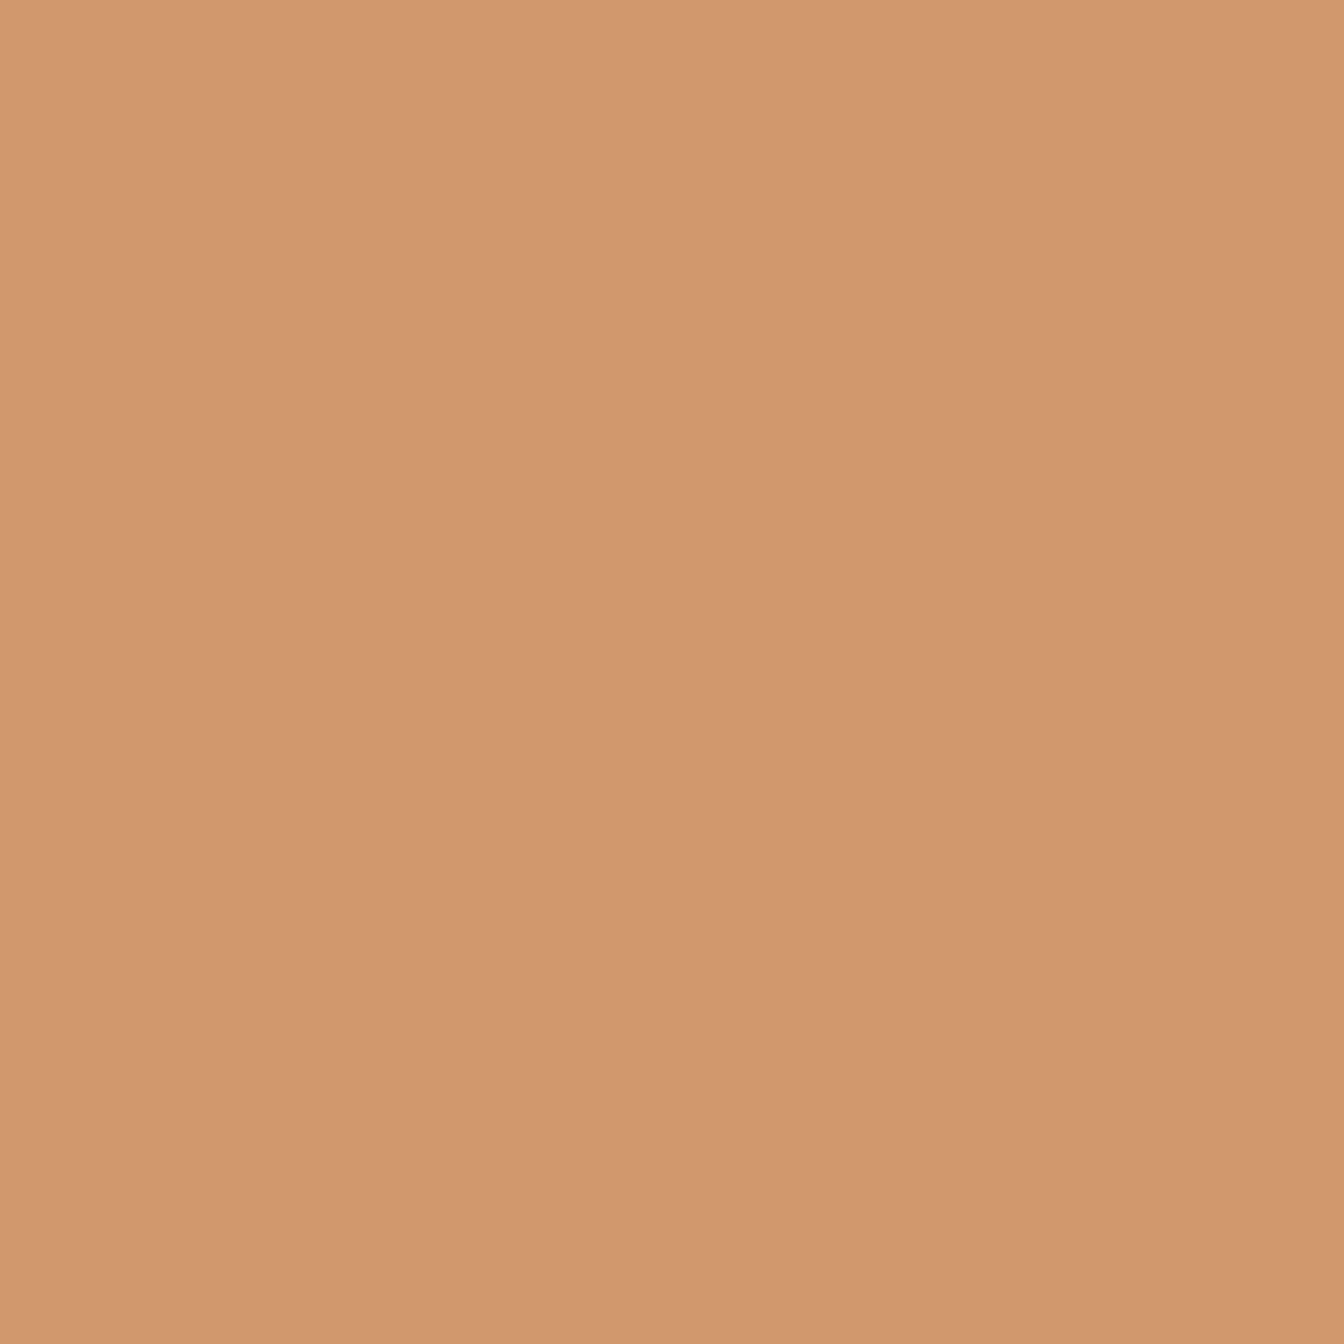 ラメテレビ小数SANMIMORE(サンミモレ化粧品) UVパクト 52号オークル (レフィル 替パフ付)